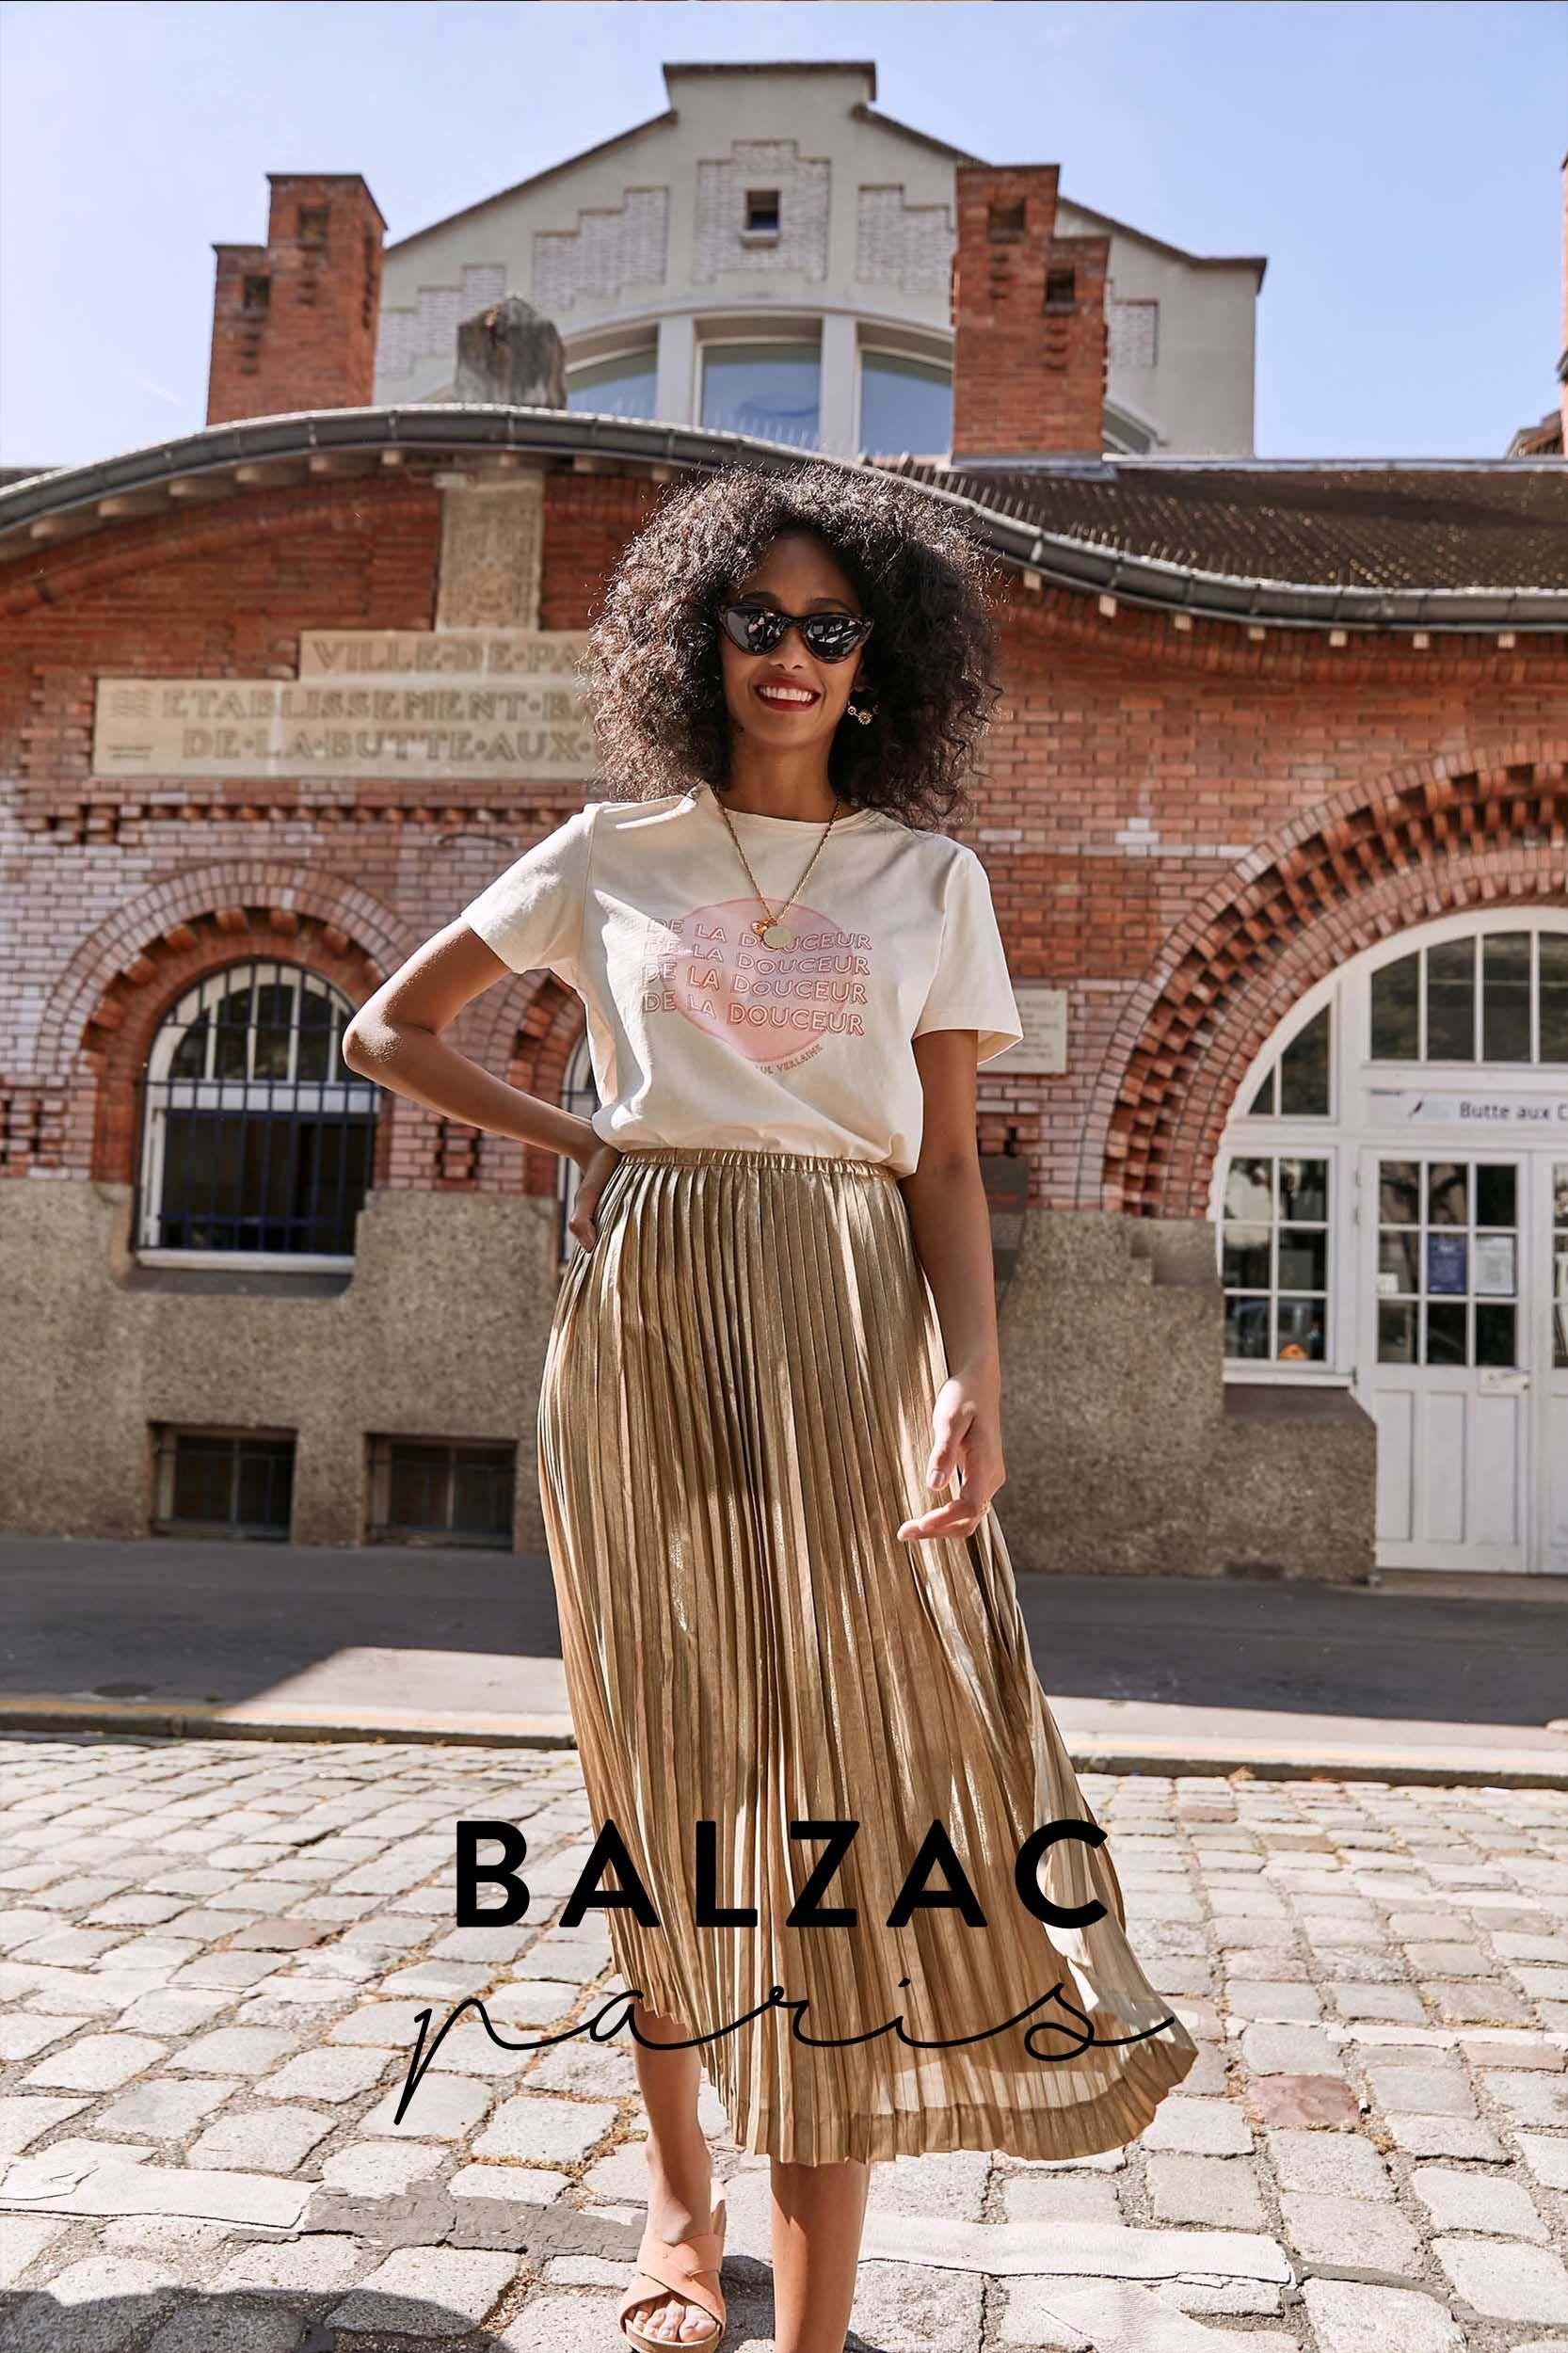 Epingle Sur Les Collections T P R Balzac Paris